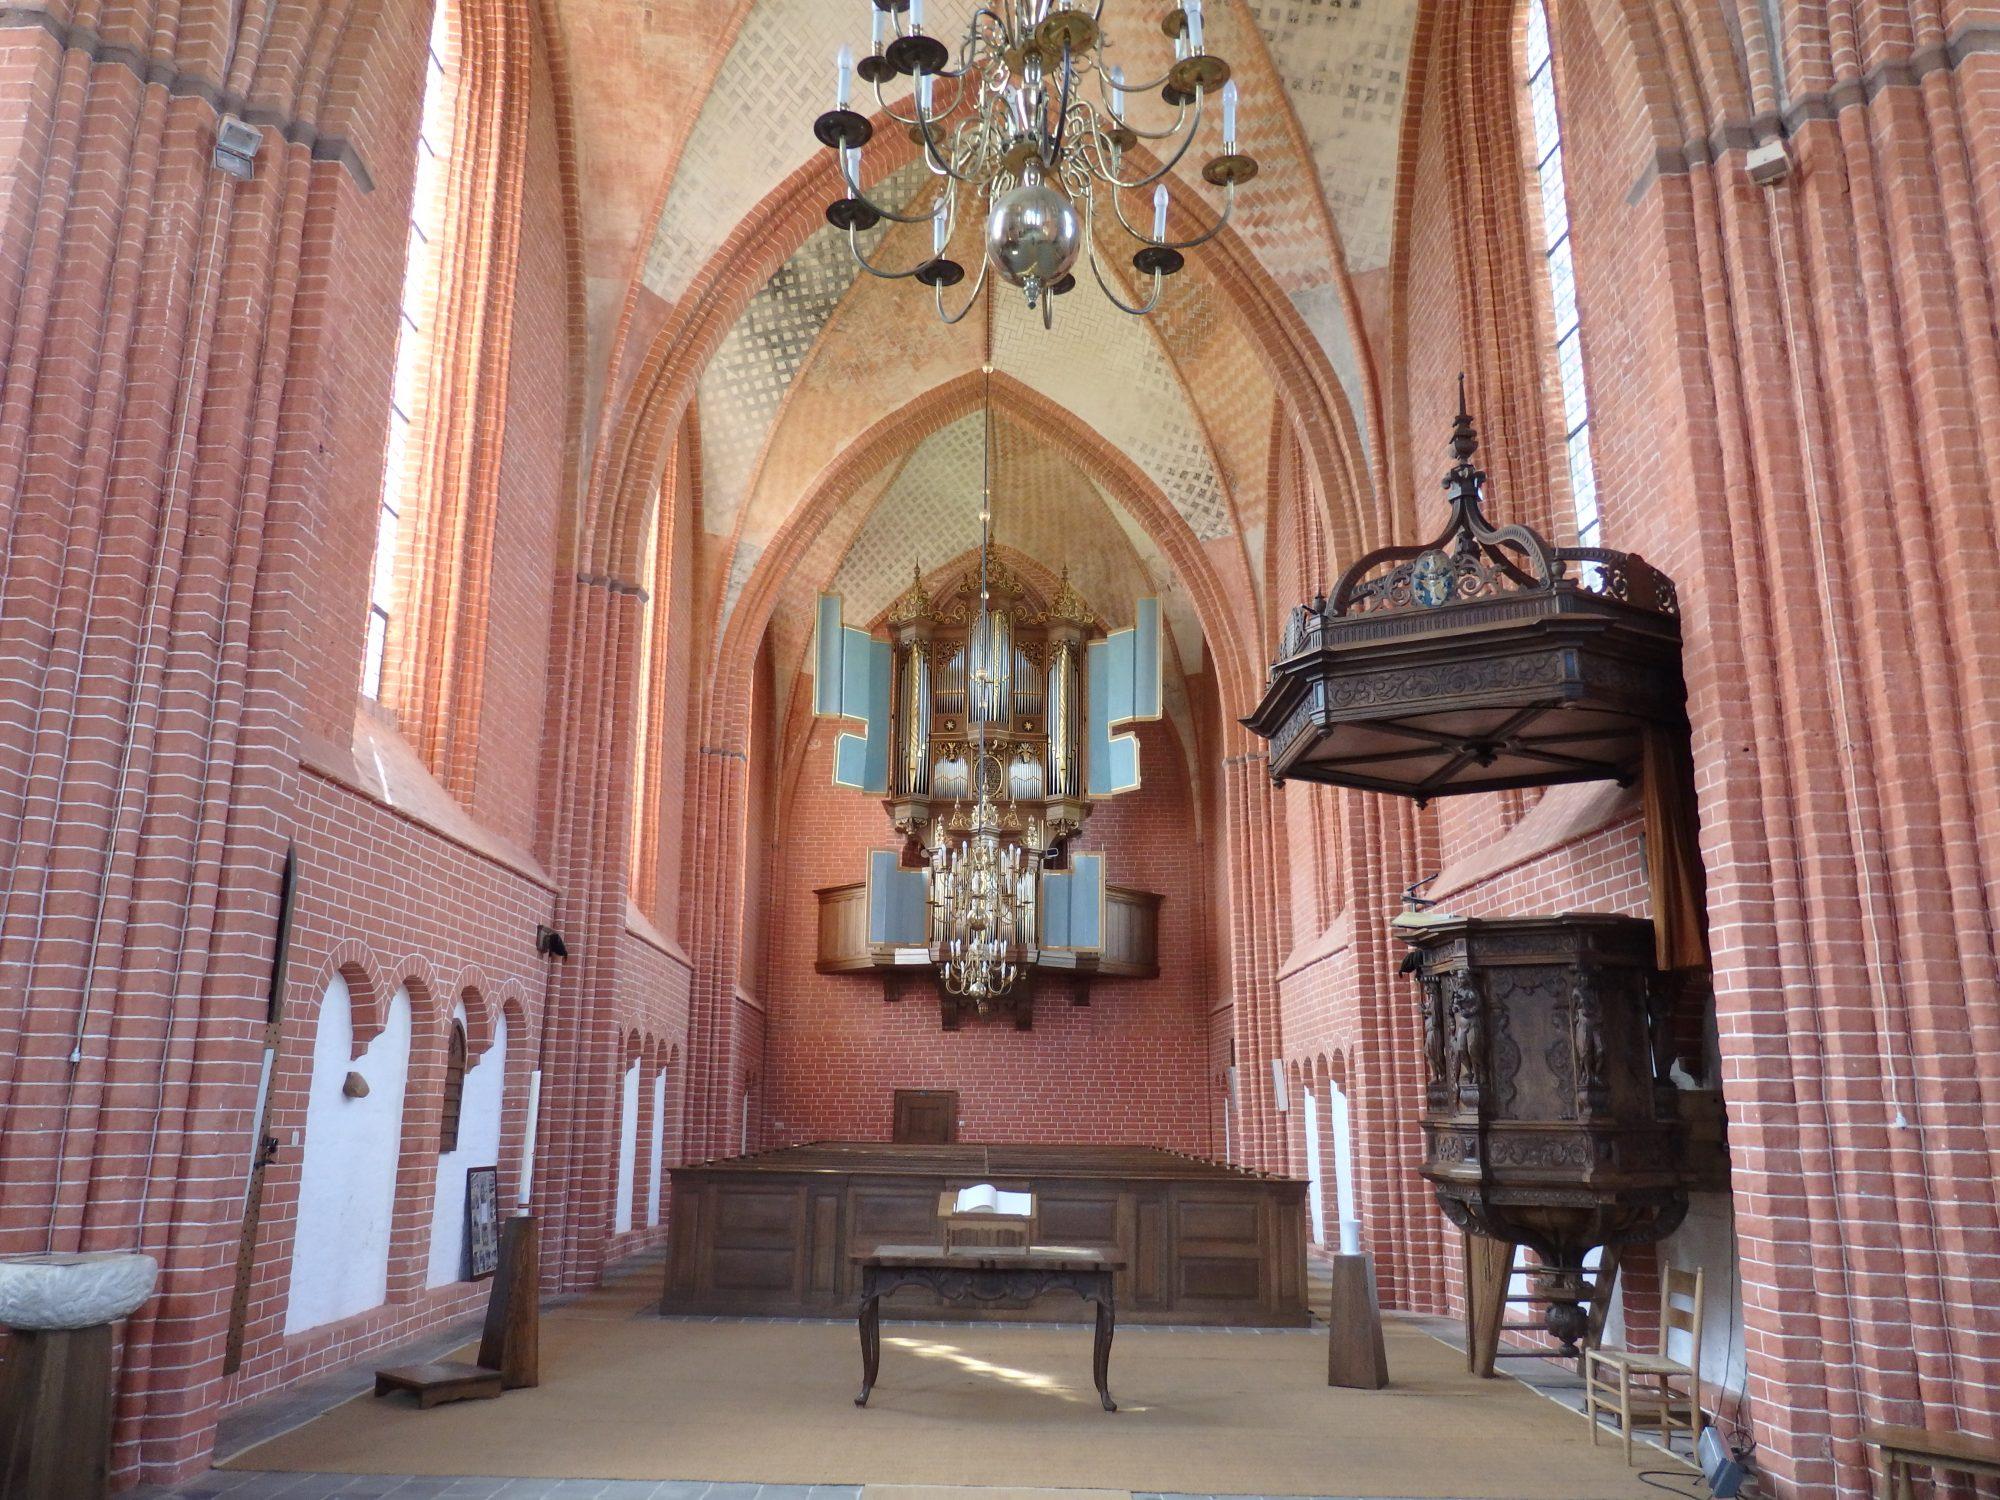 The interior of Zeerijp church in Groningen